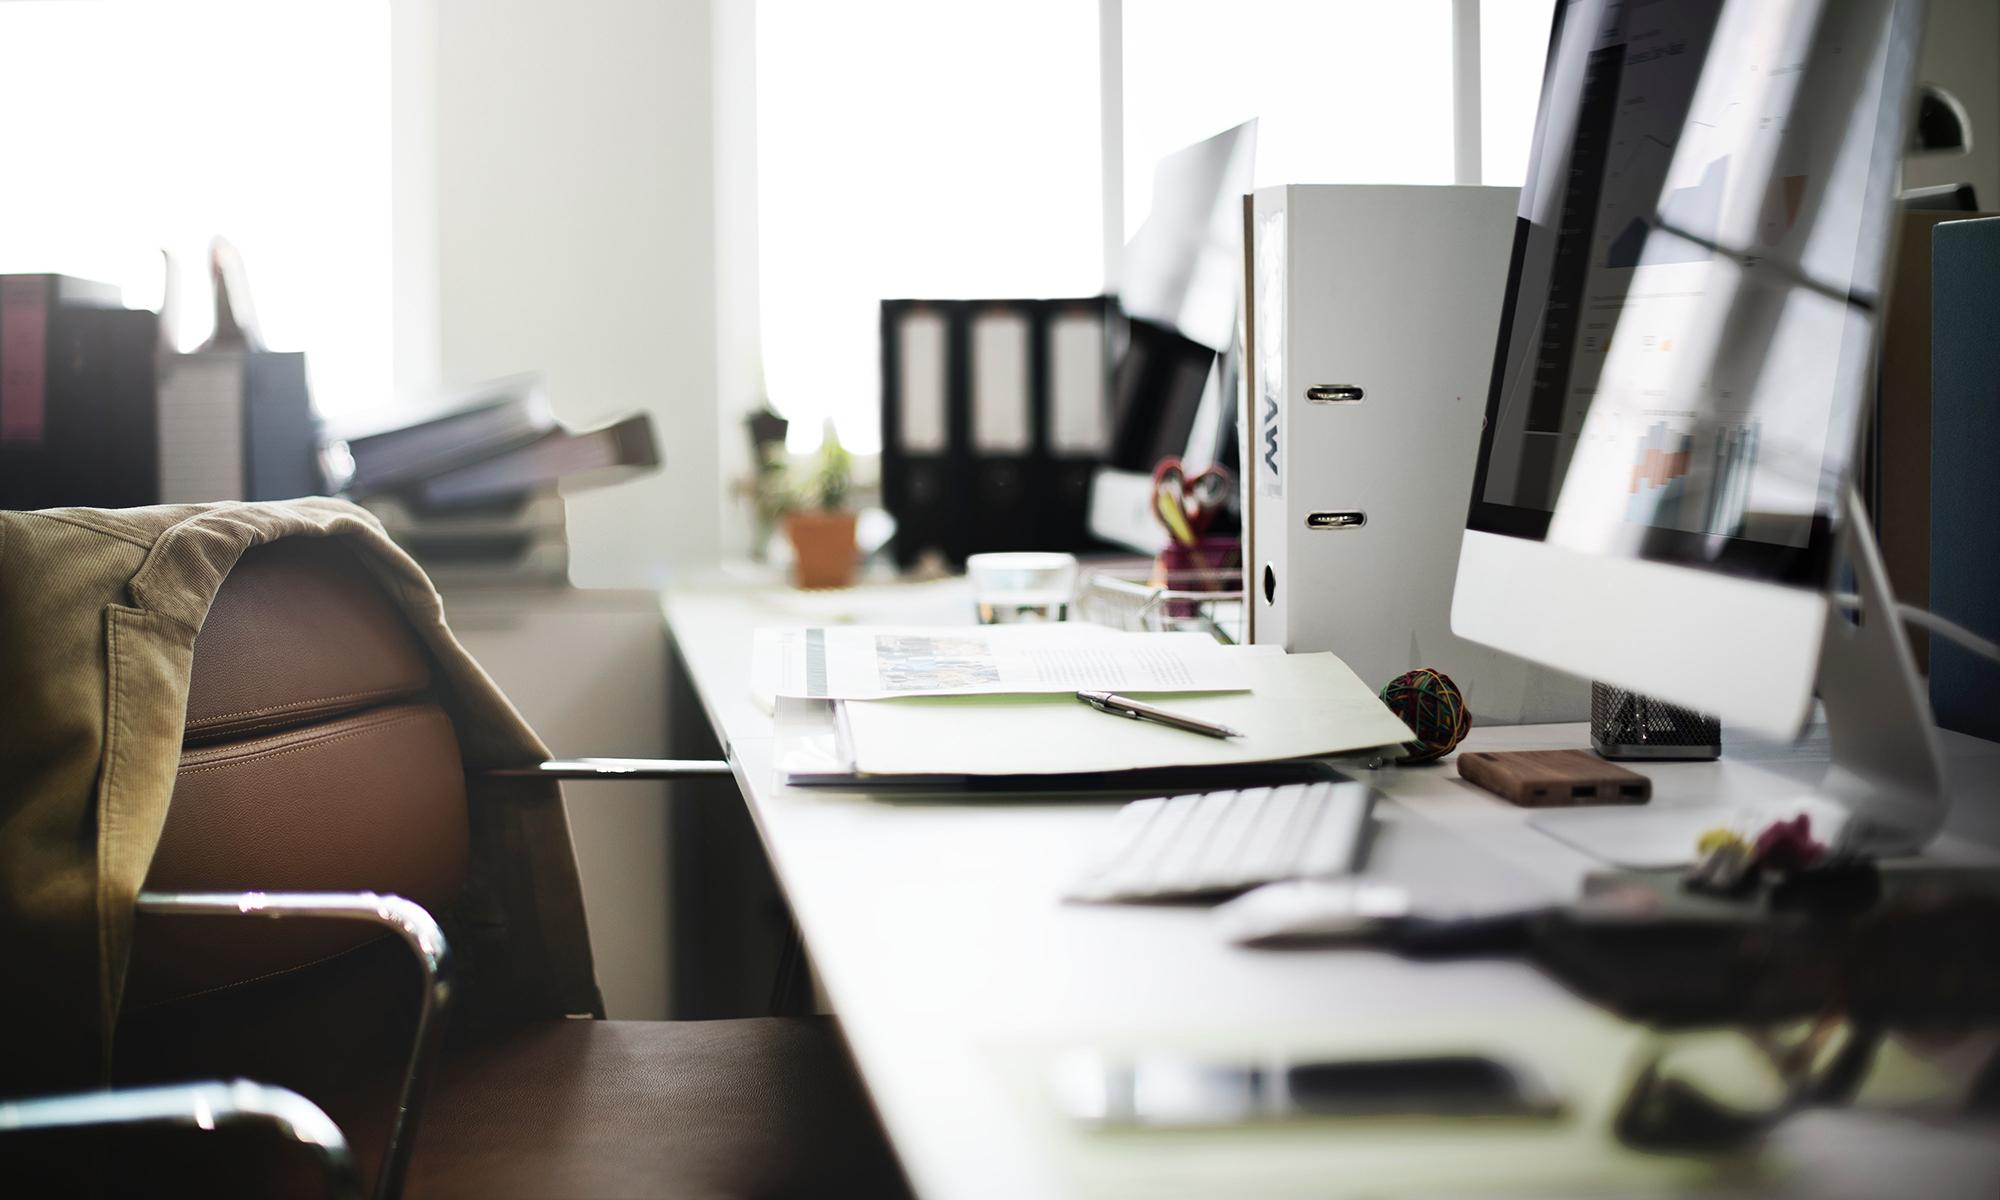 Les problématiques de santé des salariés coûtent 9 milliards d'euros par an aux entreprises